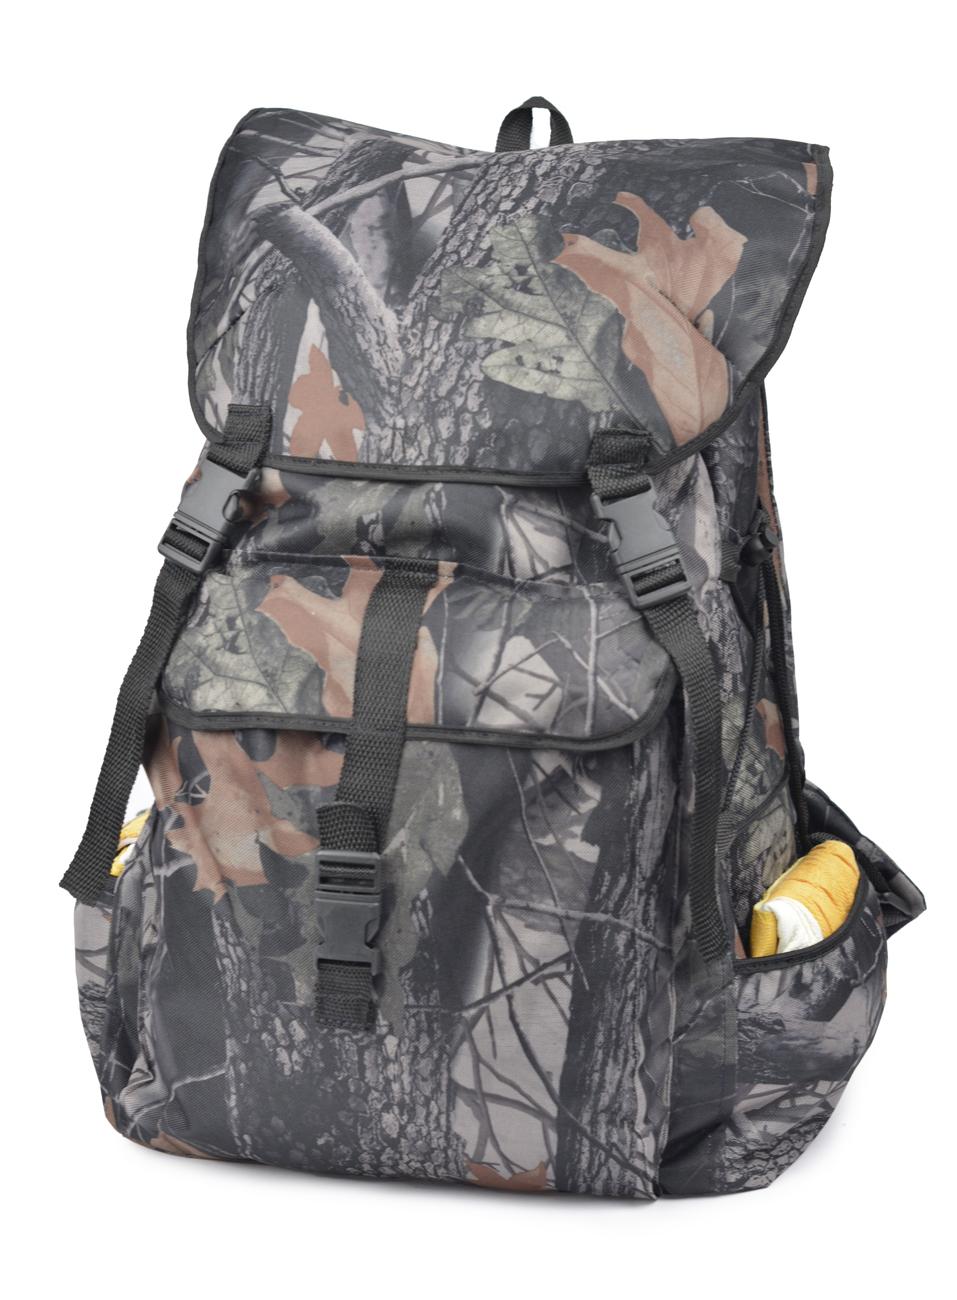 Рюкзак Охота 50 литровРюкзаки<br>Недорогой практичный рюкзак ОХОТА выполнен <br>из ткани оксфорд 600D с водоотталкивающей <br>пропиткой, которая защищает от осадков <br>и облегчает чистку изделия. Упрощенная <br>конструкция имеет один основной отсек, <br>горловина которого утягивается шнуром <br>и фиксируется при помощи кулиски. Для максимальной <br>защиты рюкзак закрывается откидным клапаном <br>с фиксацией на два ремешка с фастексами. <br>Извне имеются три накладных карман. По бокам <br>предусмотрена шнуровка для утяжки. Анатомическая <br>прокладка на спинке. Плечевые лямки регулируются <br>по росту. Подходит для охоты, рыбалки и активного <br>отдыха.<br>